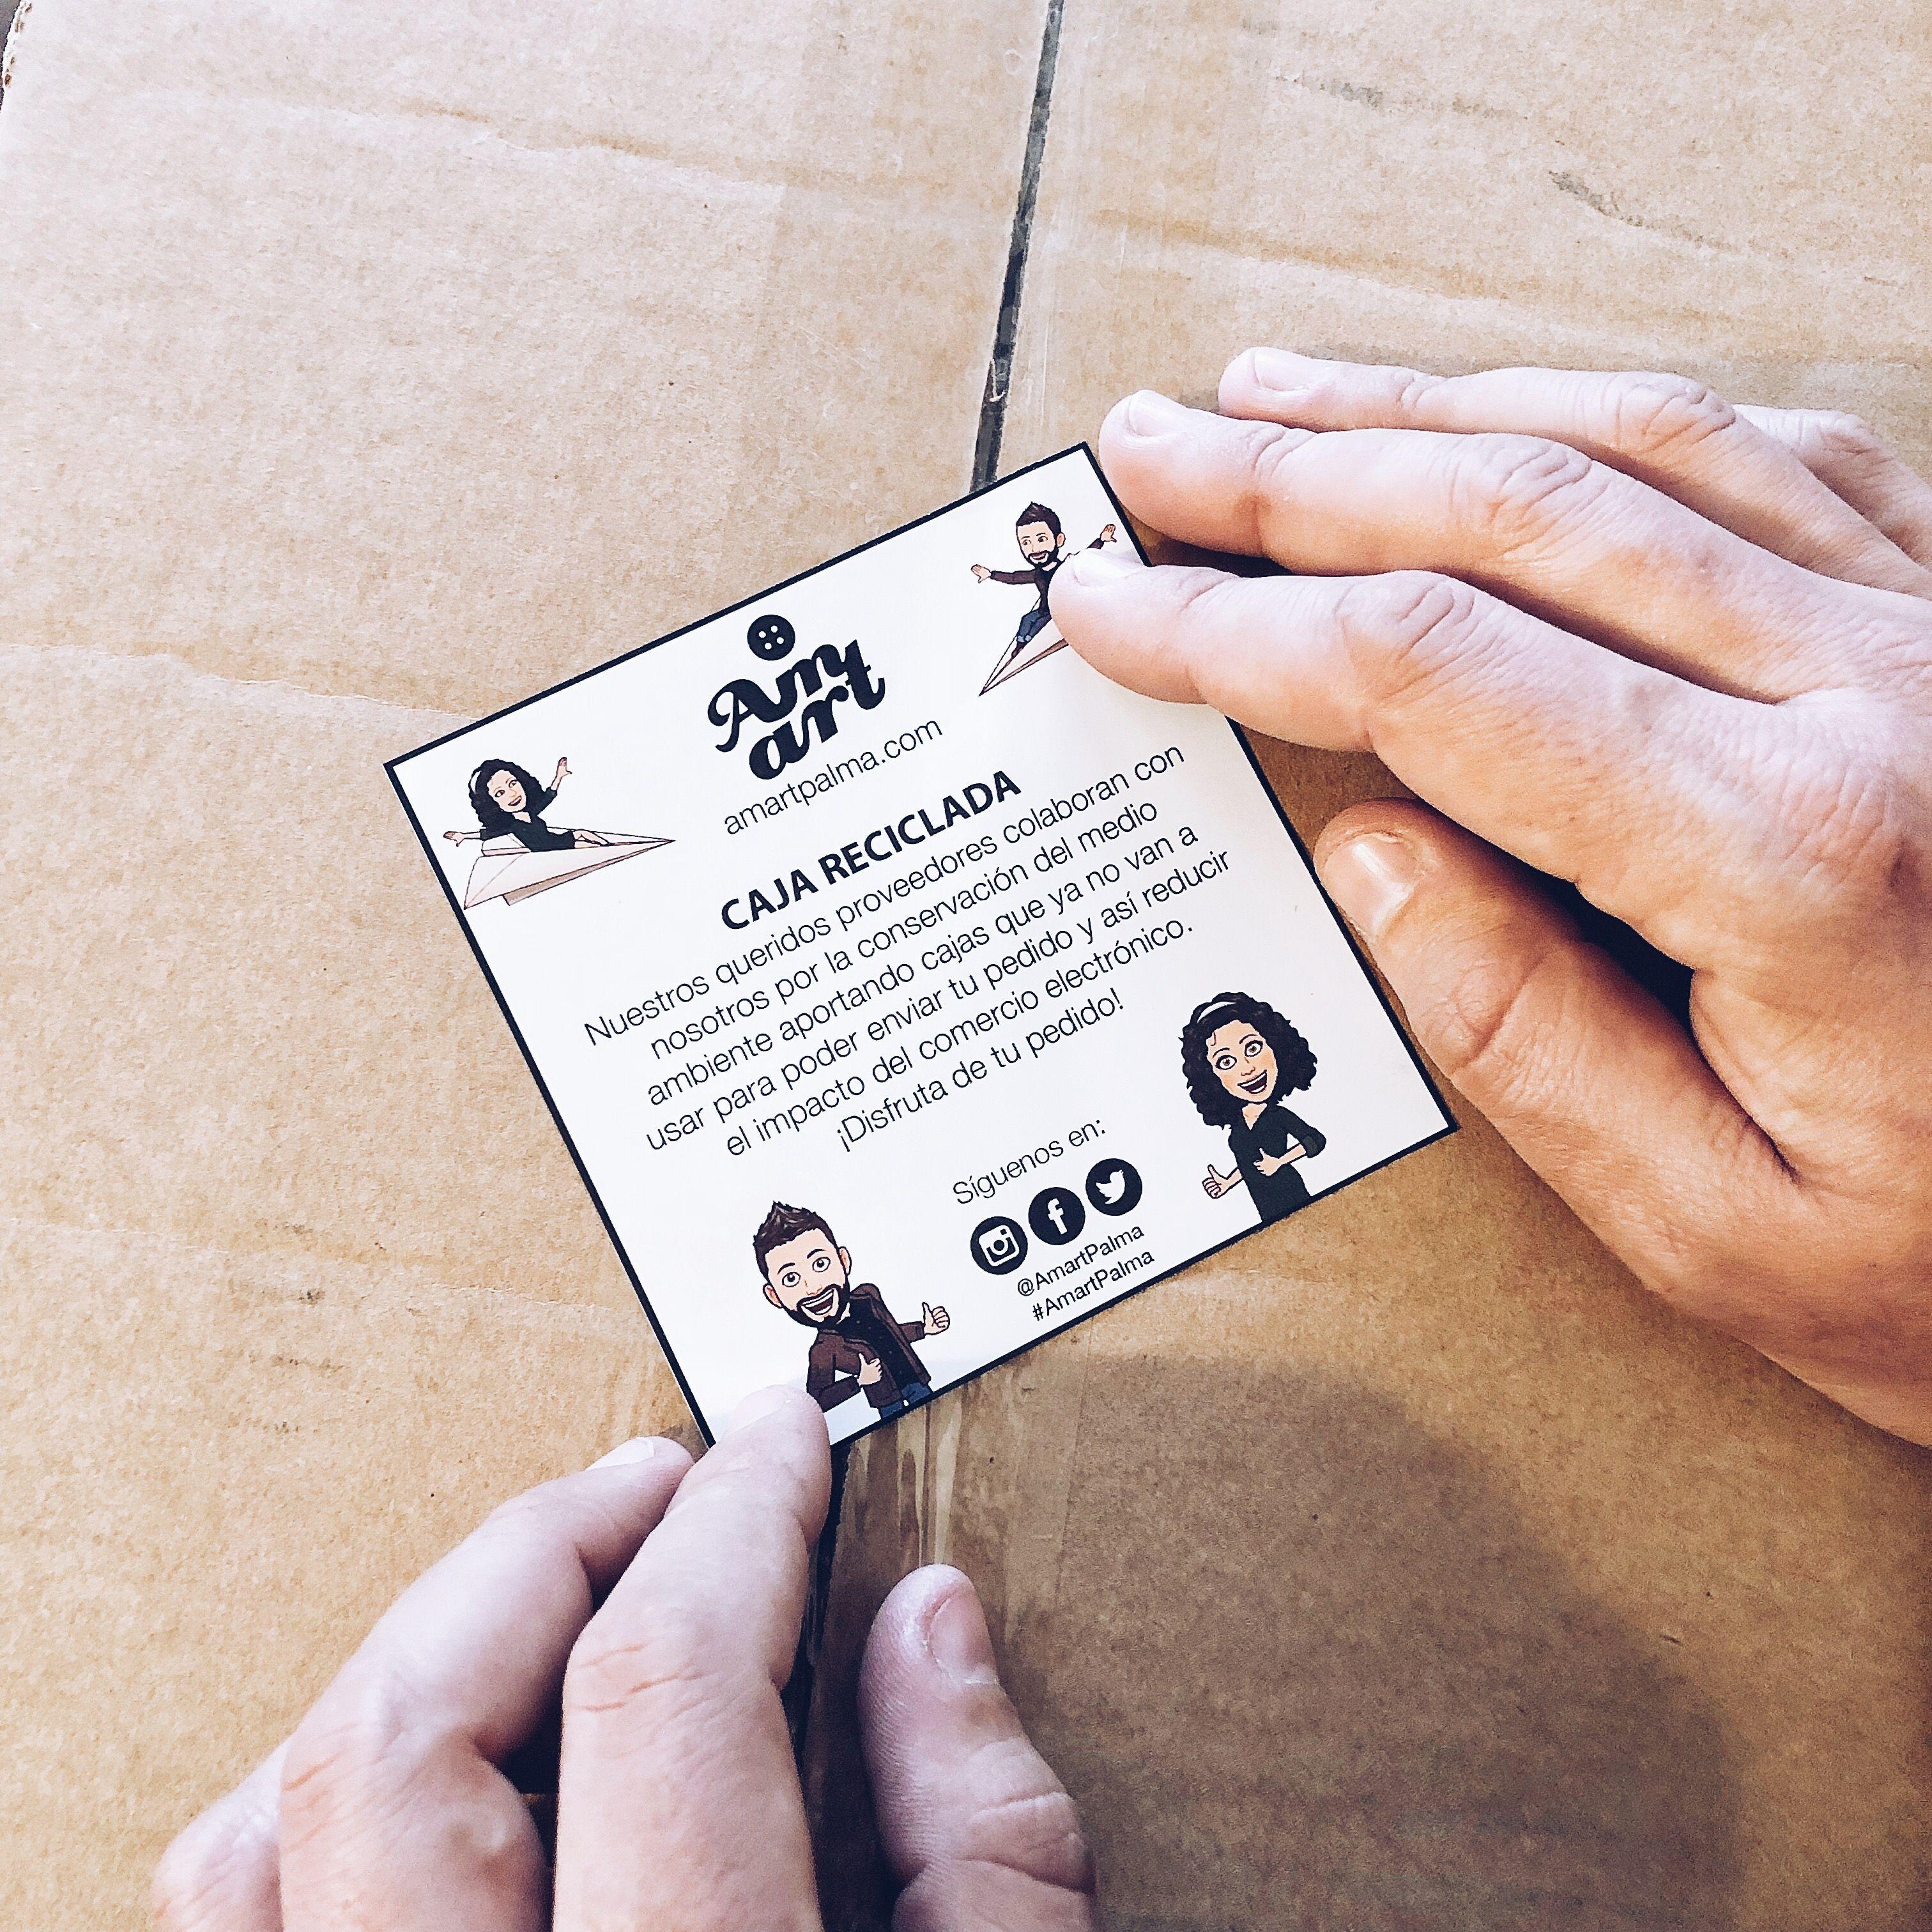 Cajas reutilizadas para reducir el impacto en el medio ambiente